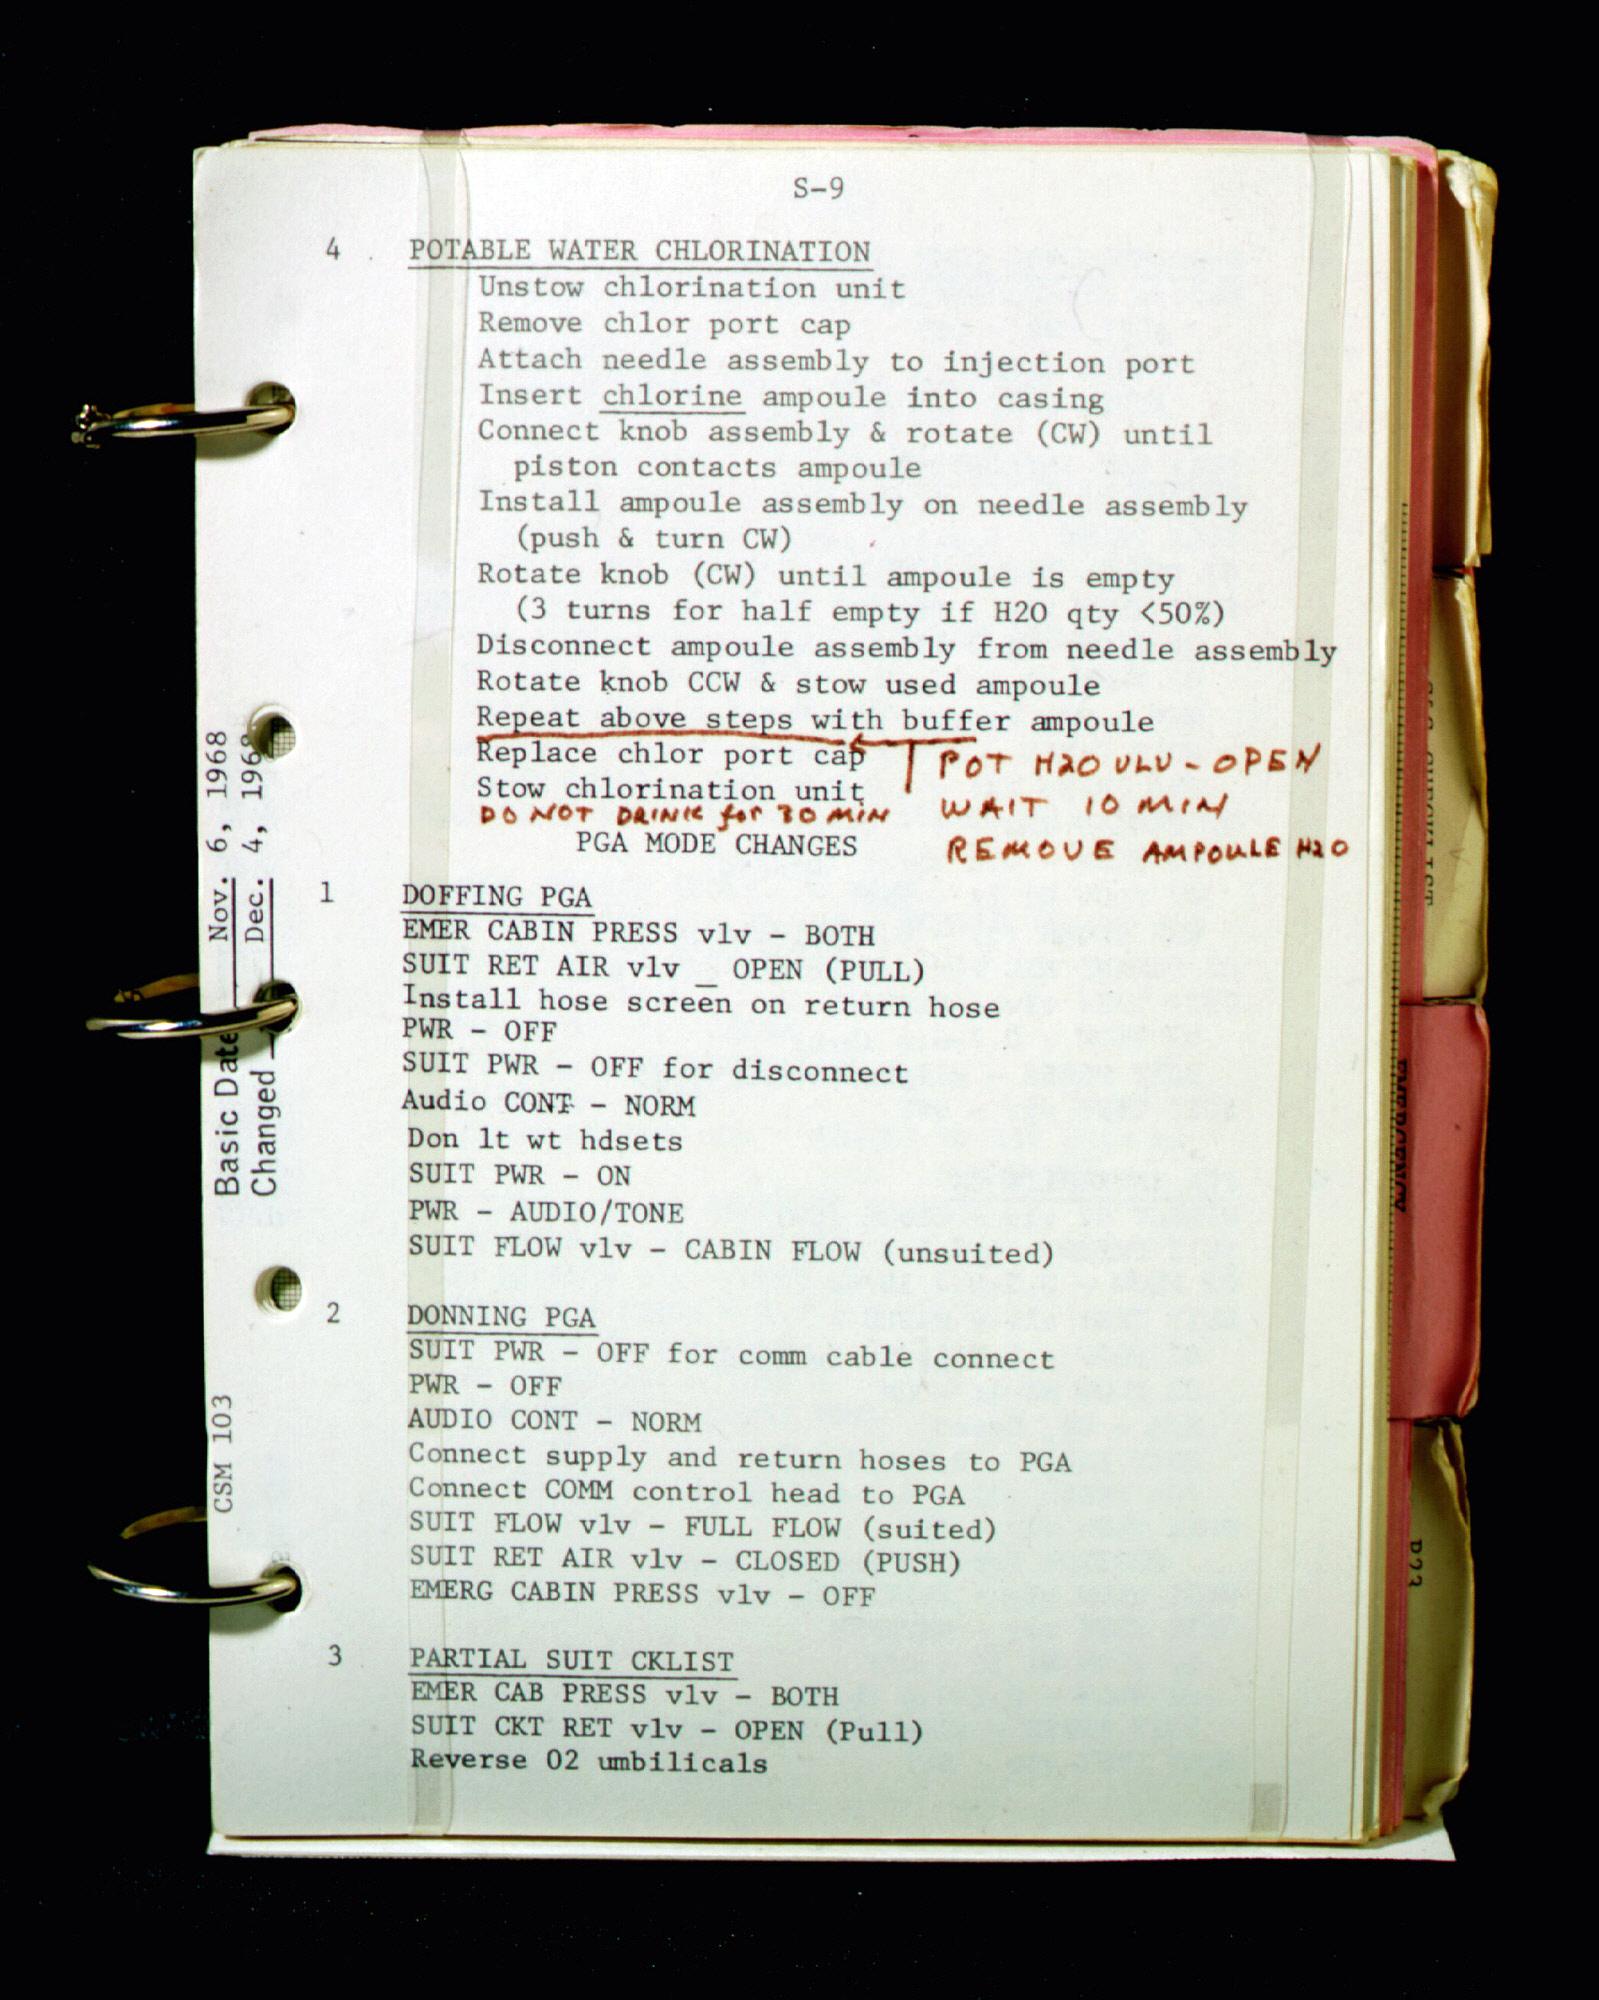 Apollo 8 Checklist